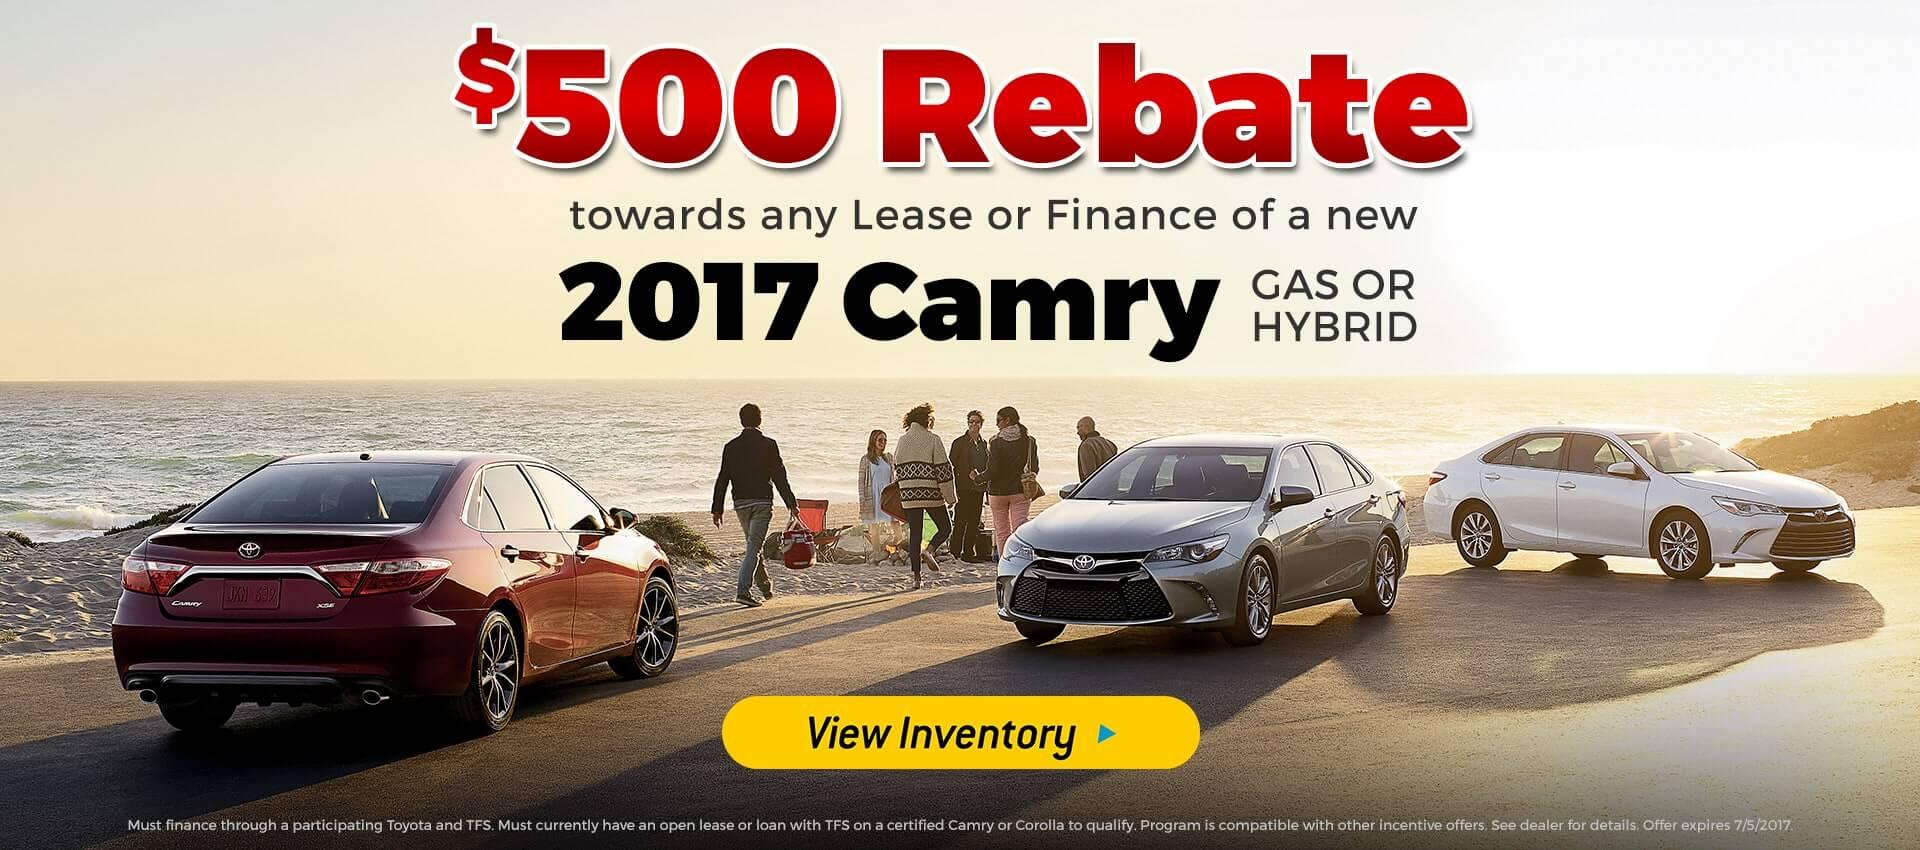 $500 Rebate Camry